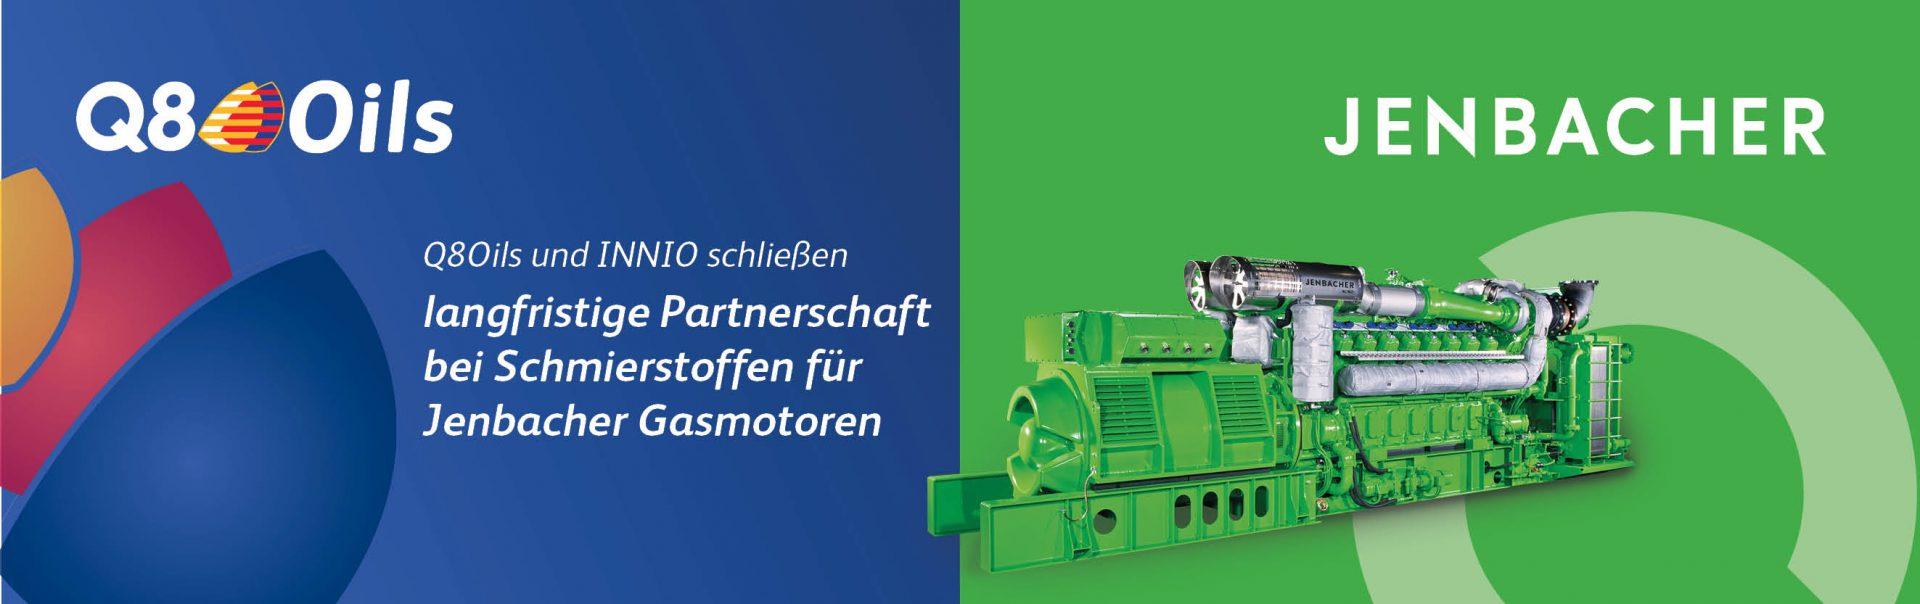 Q8Oils Jenbacher Homepage De